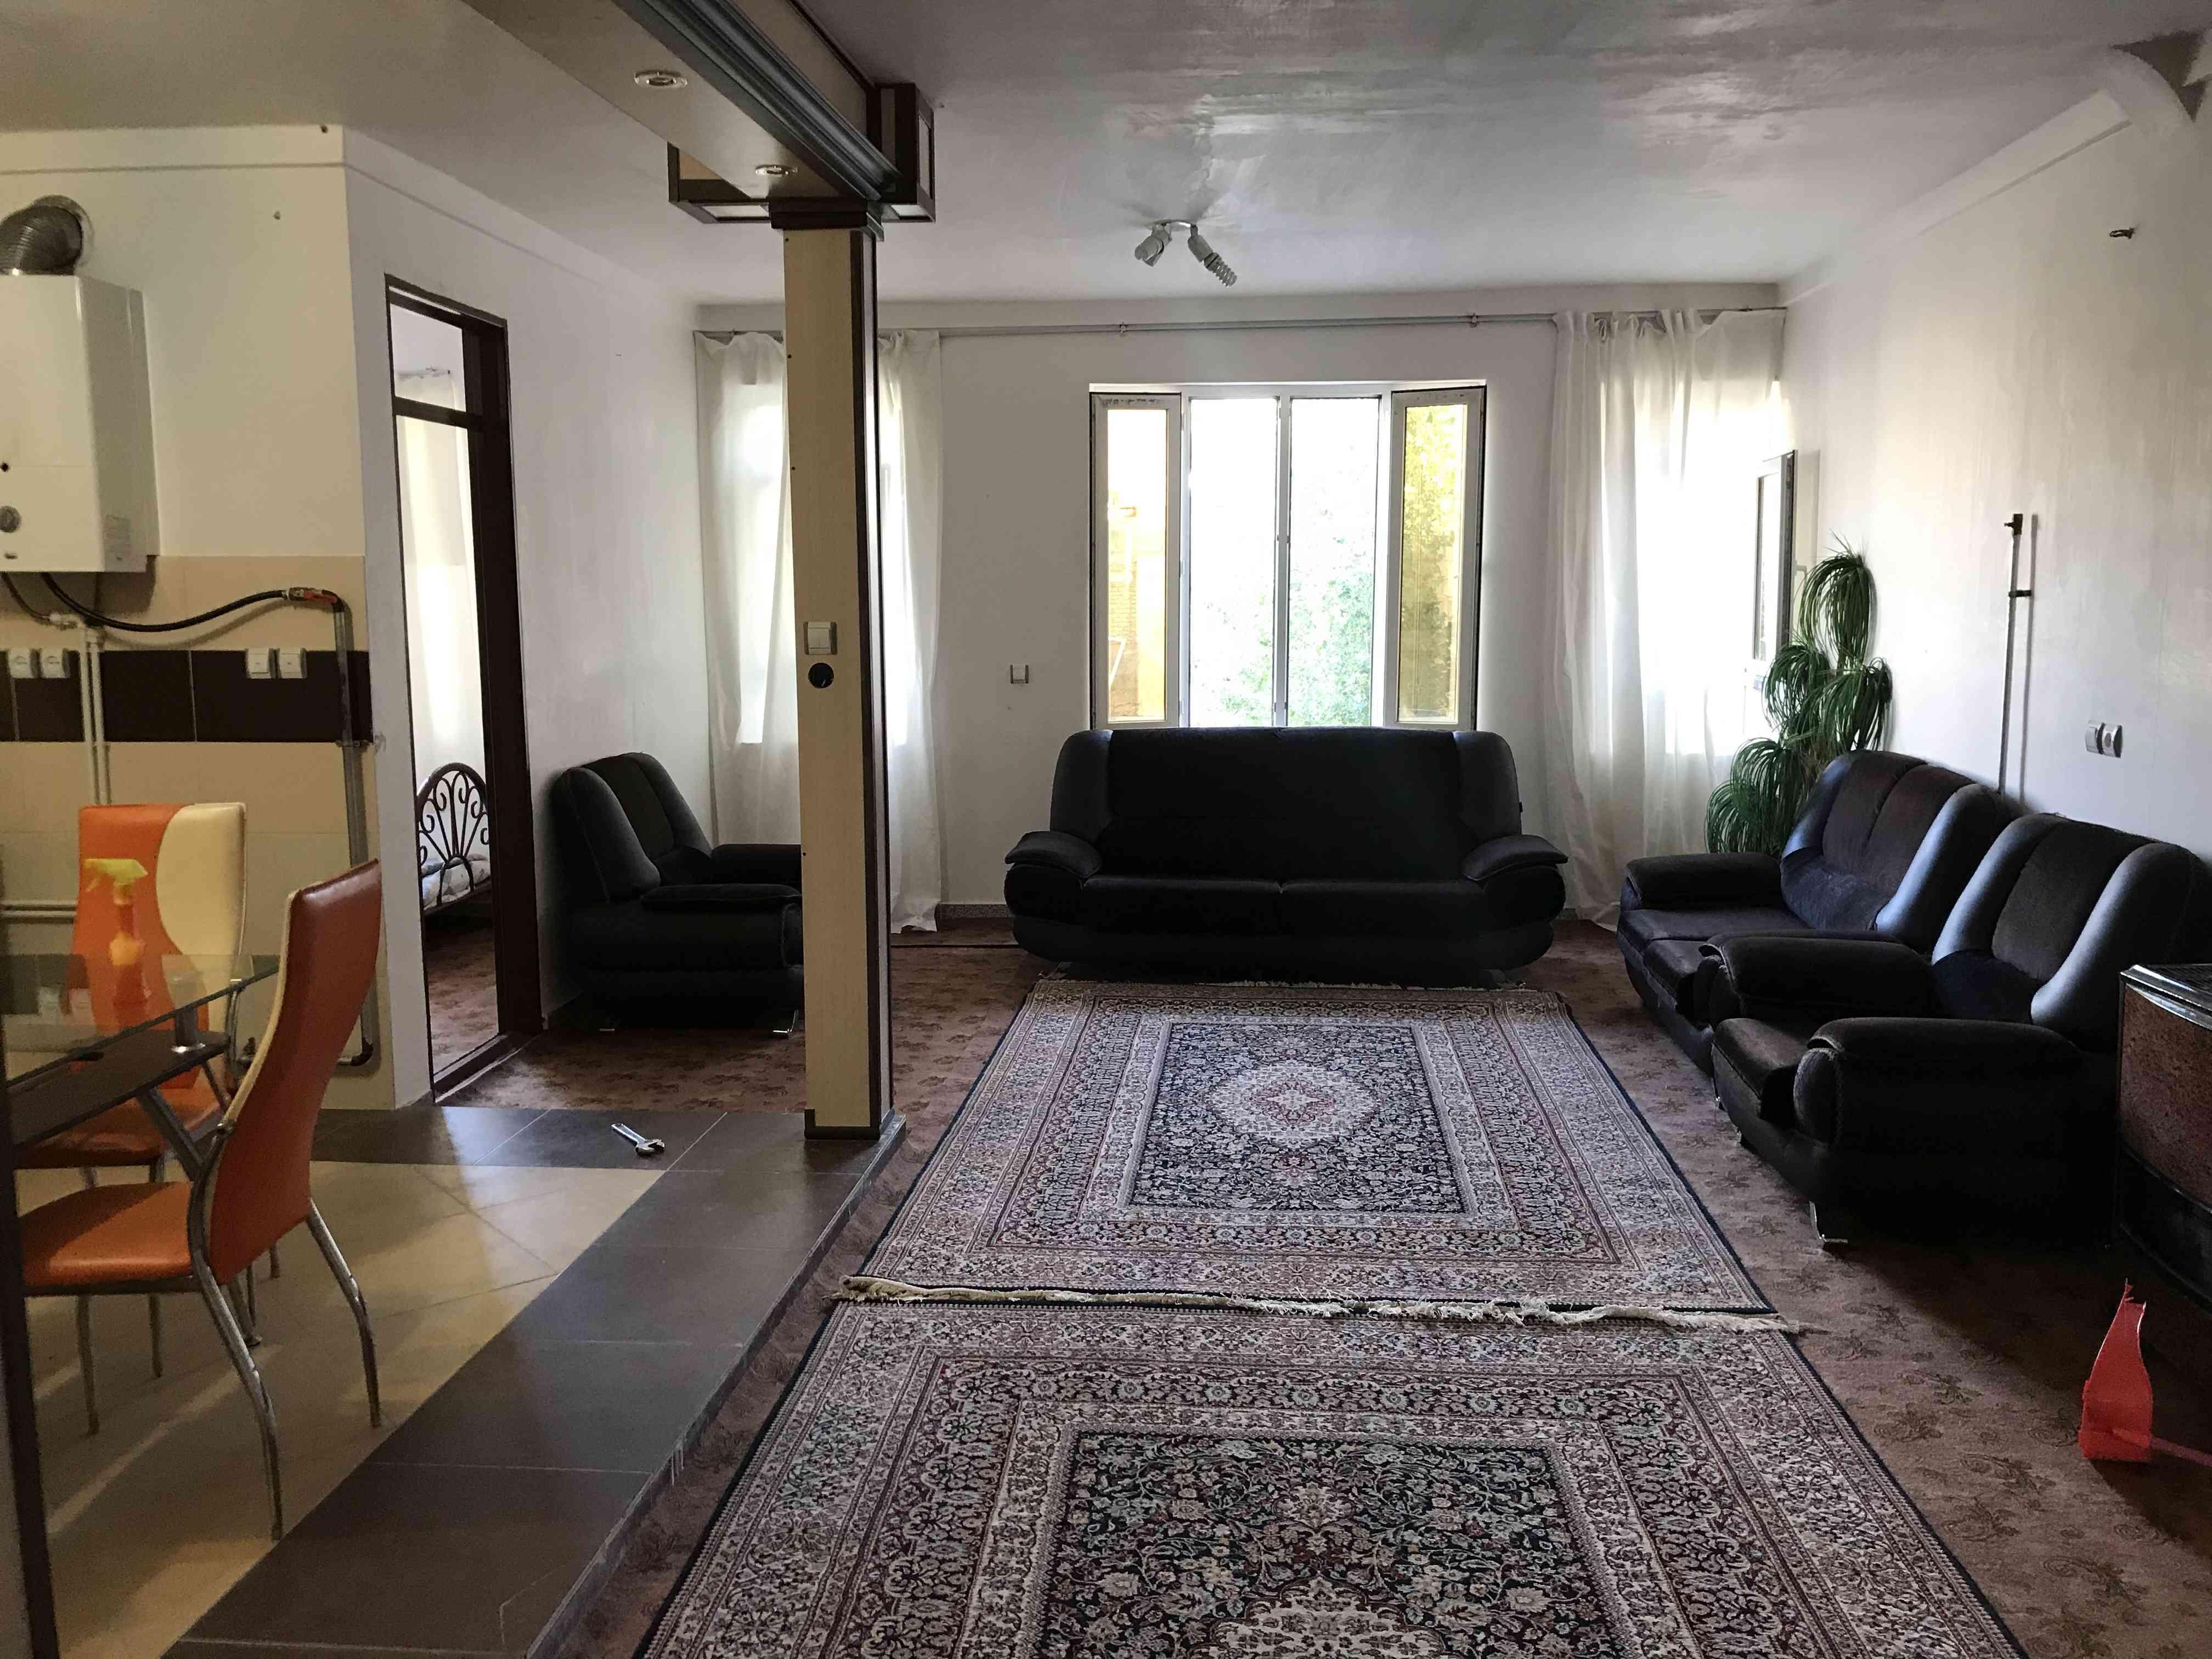 شهری آپارتمان مبله در امام خمینی مشگین شهر